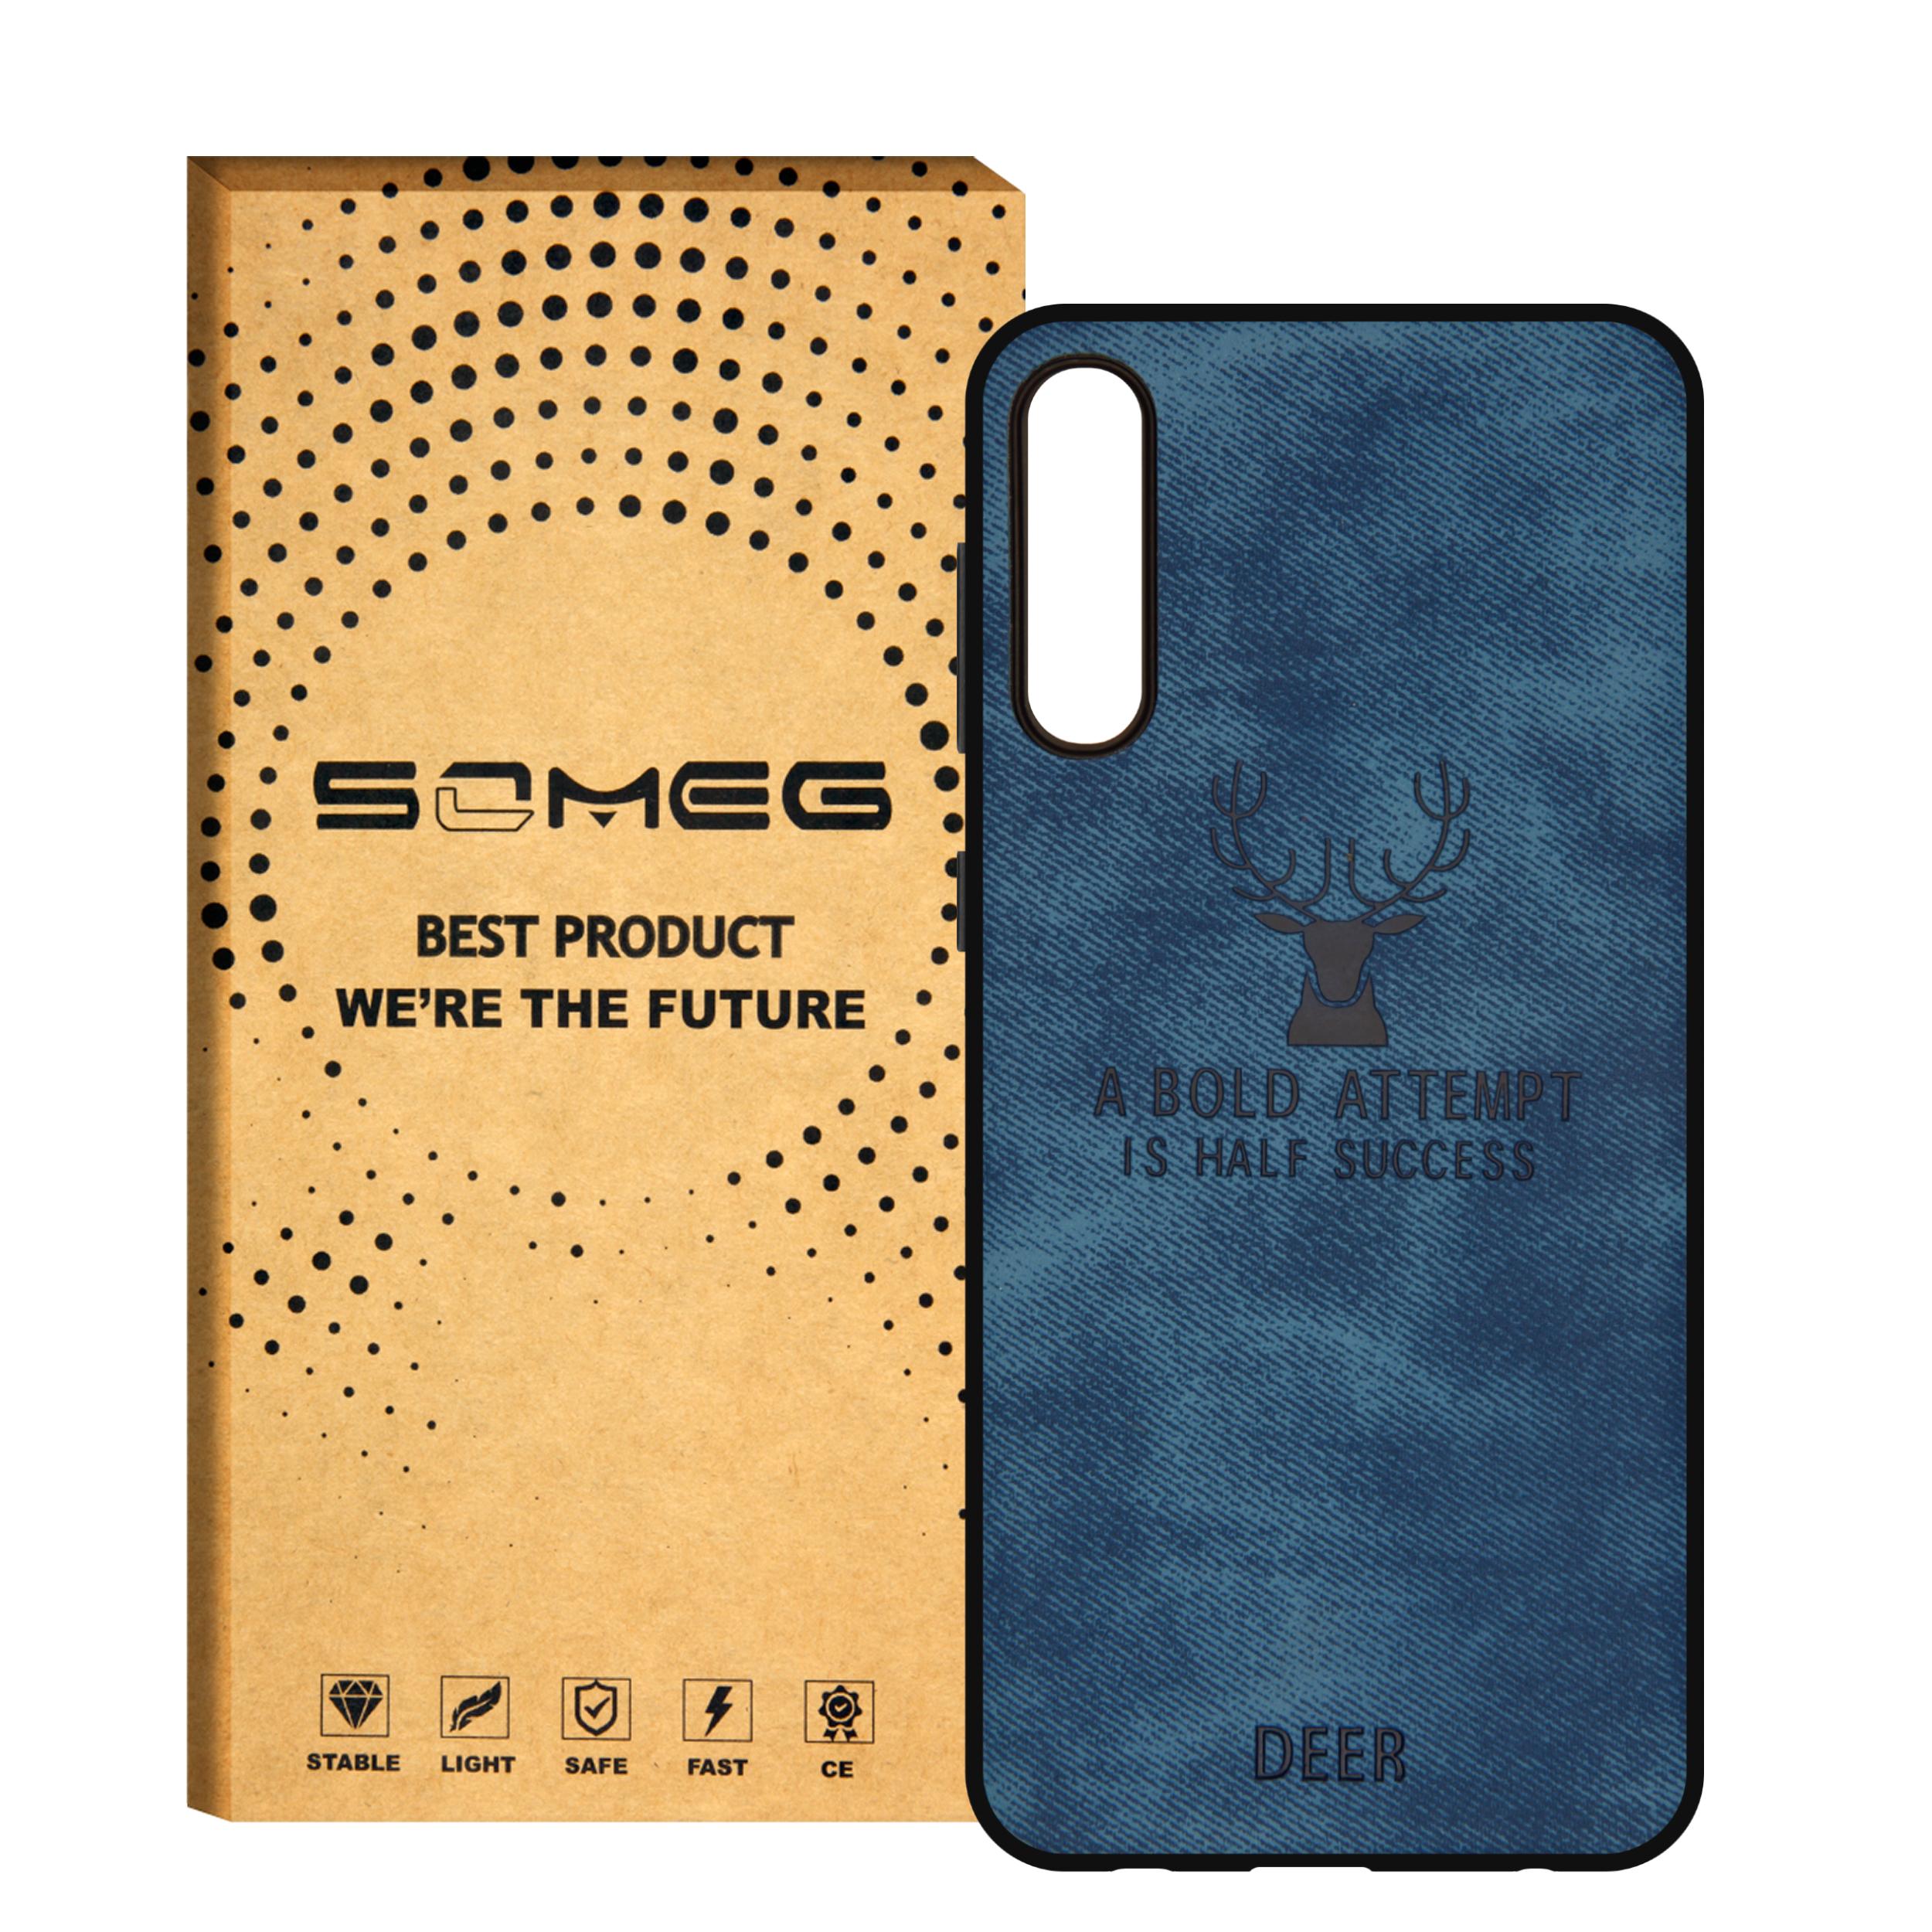 کاور سومگ مدل SMG-Der02 مناسب گوشی موبایل سامسونگ Galaxy A50/A30S               ( قیمت و خرید)